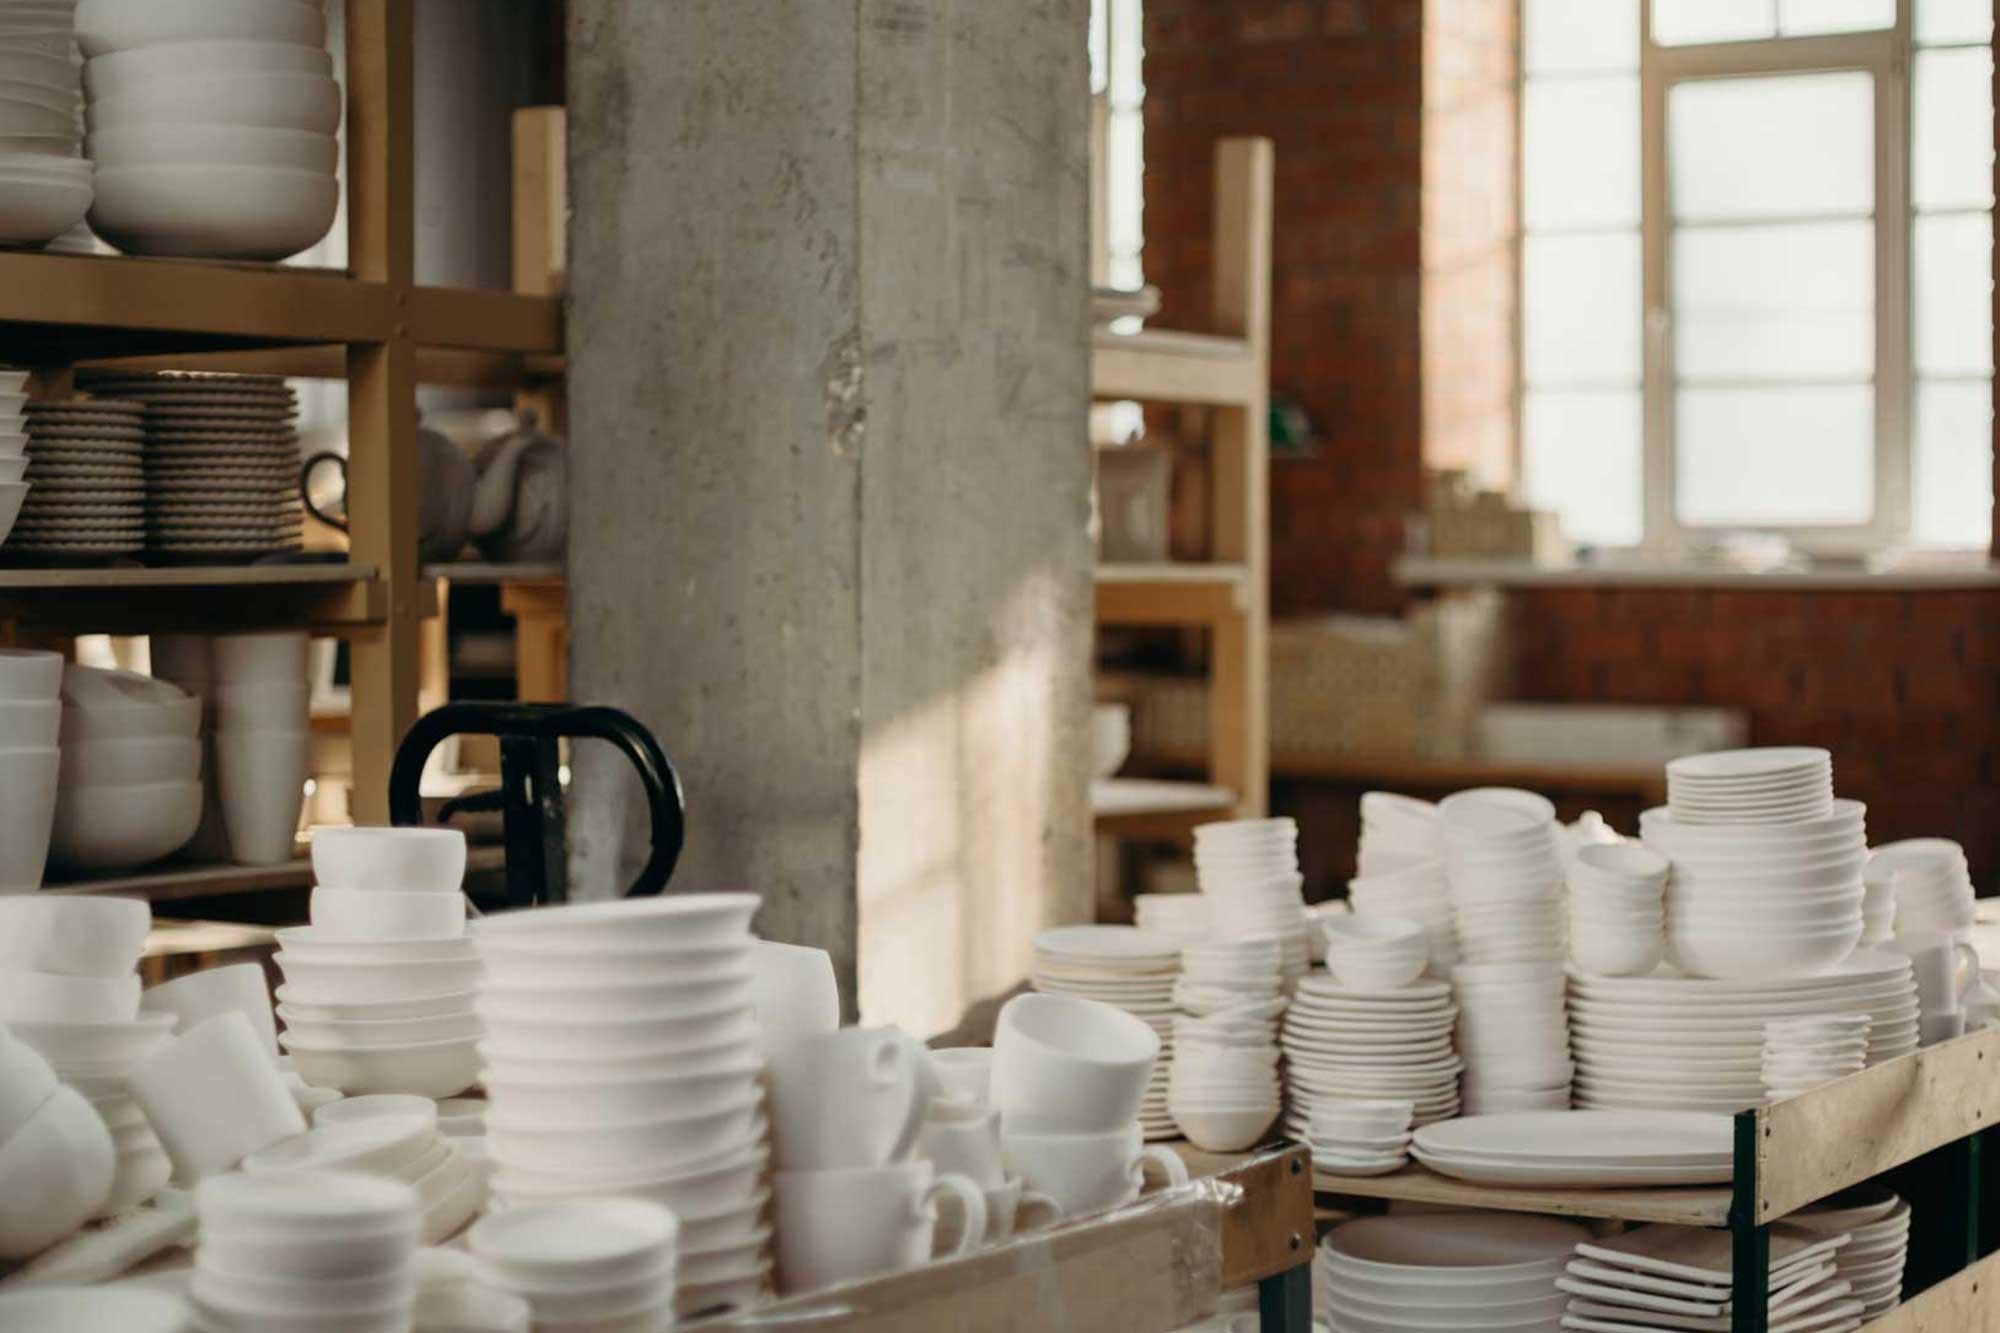 Porzellan-Geschirr in einer Halle